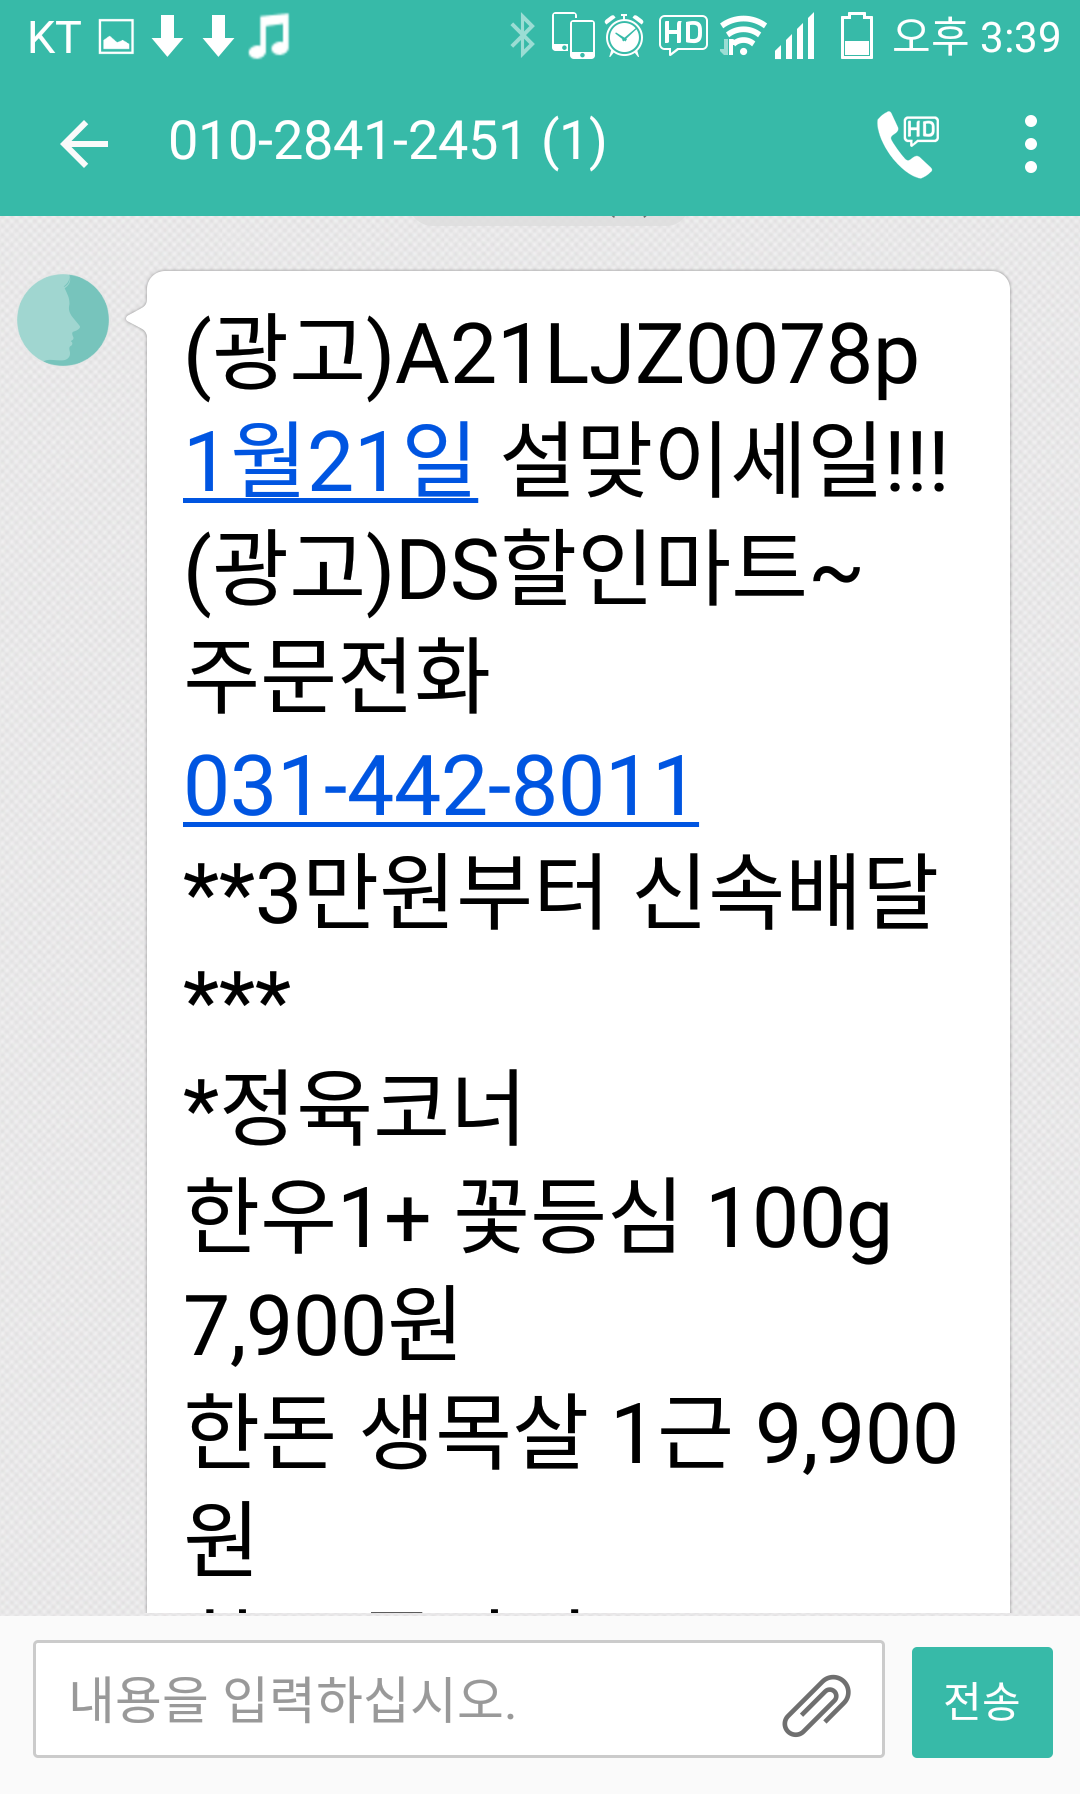 DS 할인마트에서 광고 문자